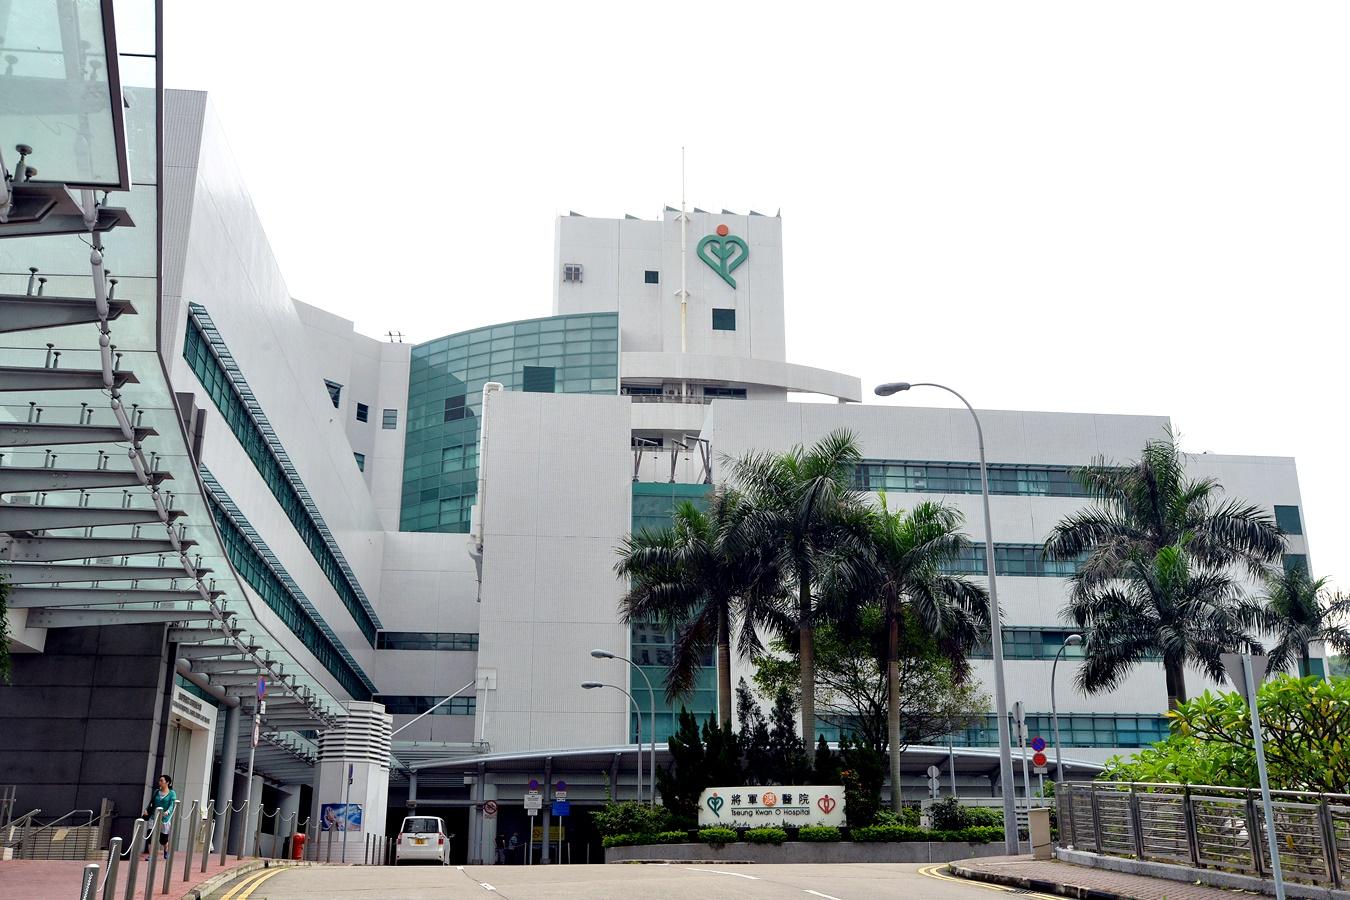 将军澳医院日间手术中心启用 智能系统显示医护及仪器位置